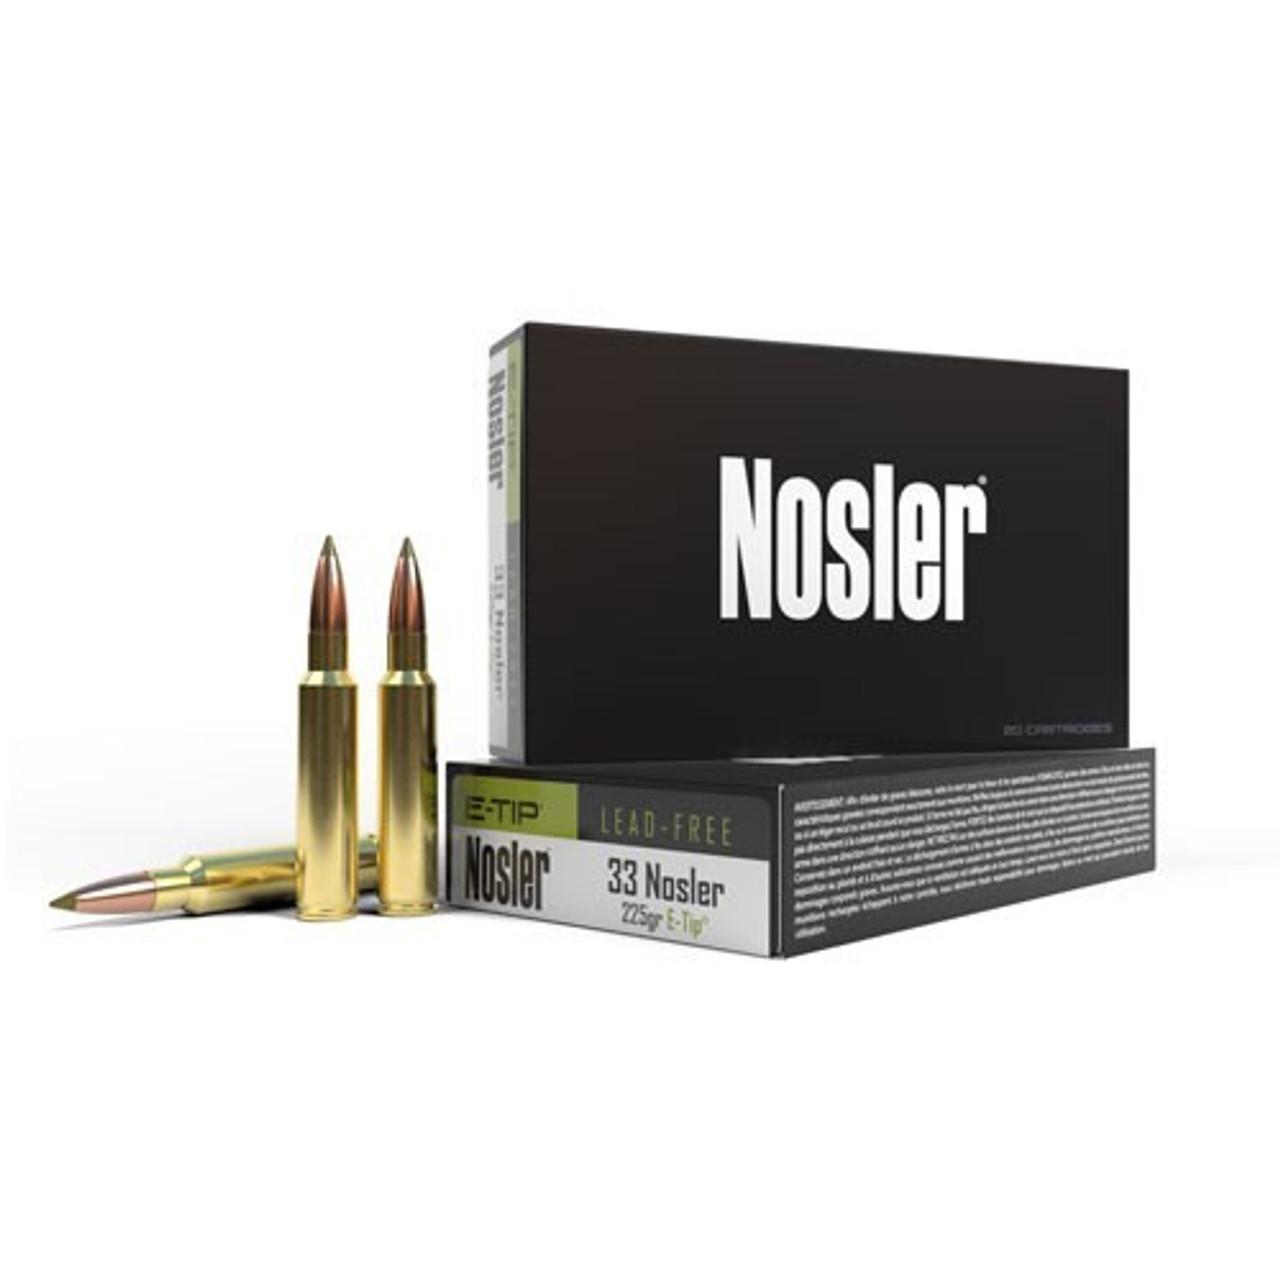 33 Nosler Ammo